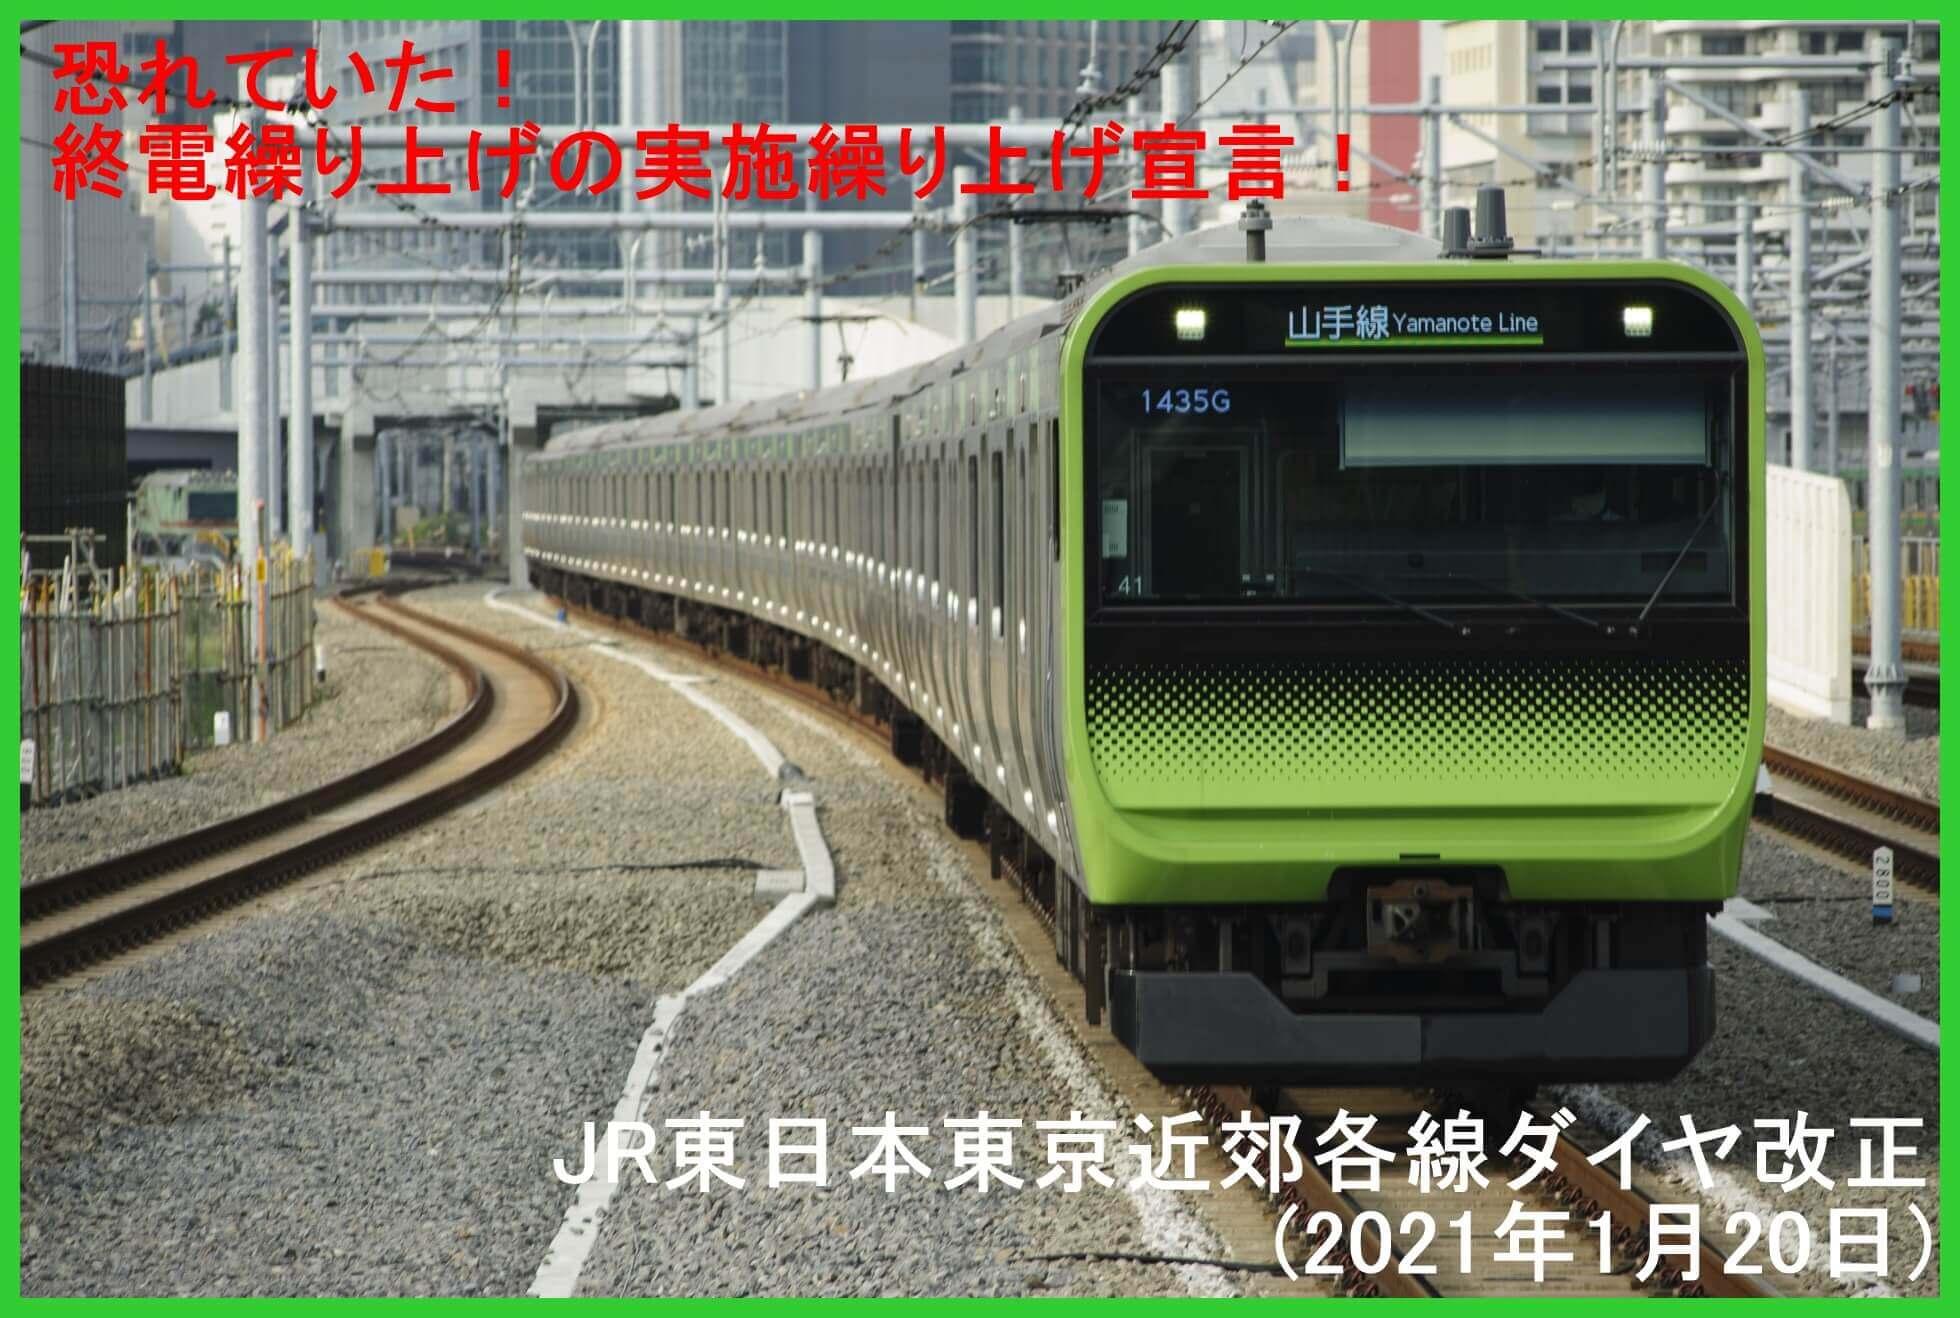 恐れていた!終電繰り上げの実施繰り上げ宣言! JR東日本東京近郊各線ダイヤ改正(2021年1月20日)